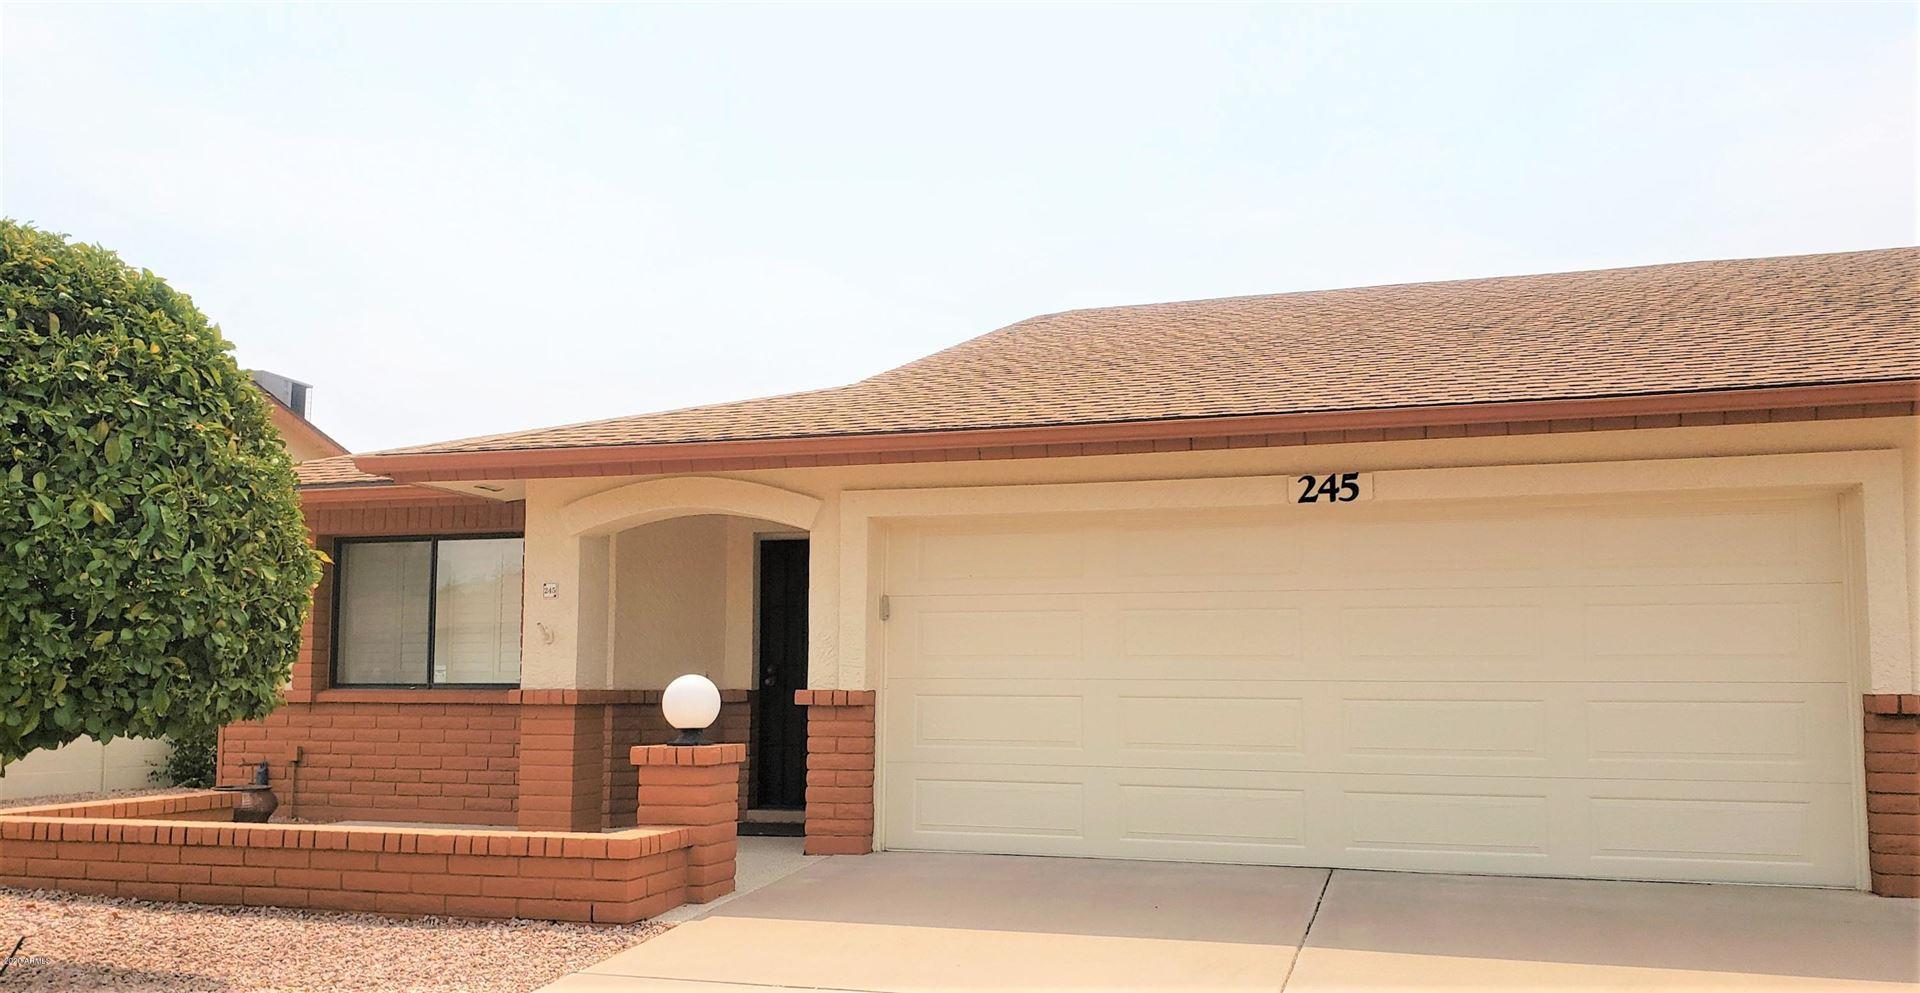 8021 E KEATS Avenue #245, Mesa, AZ 85209 - MLS#: 6135056